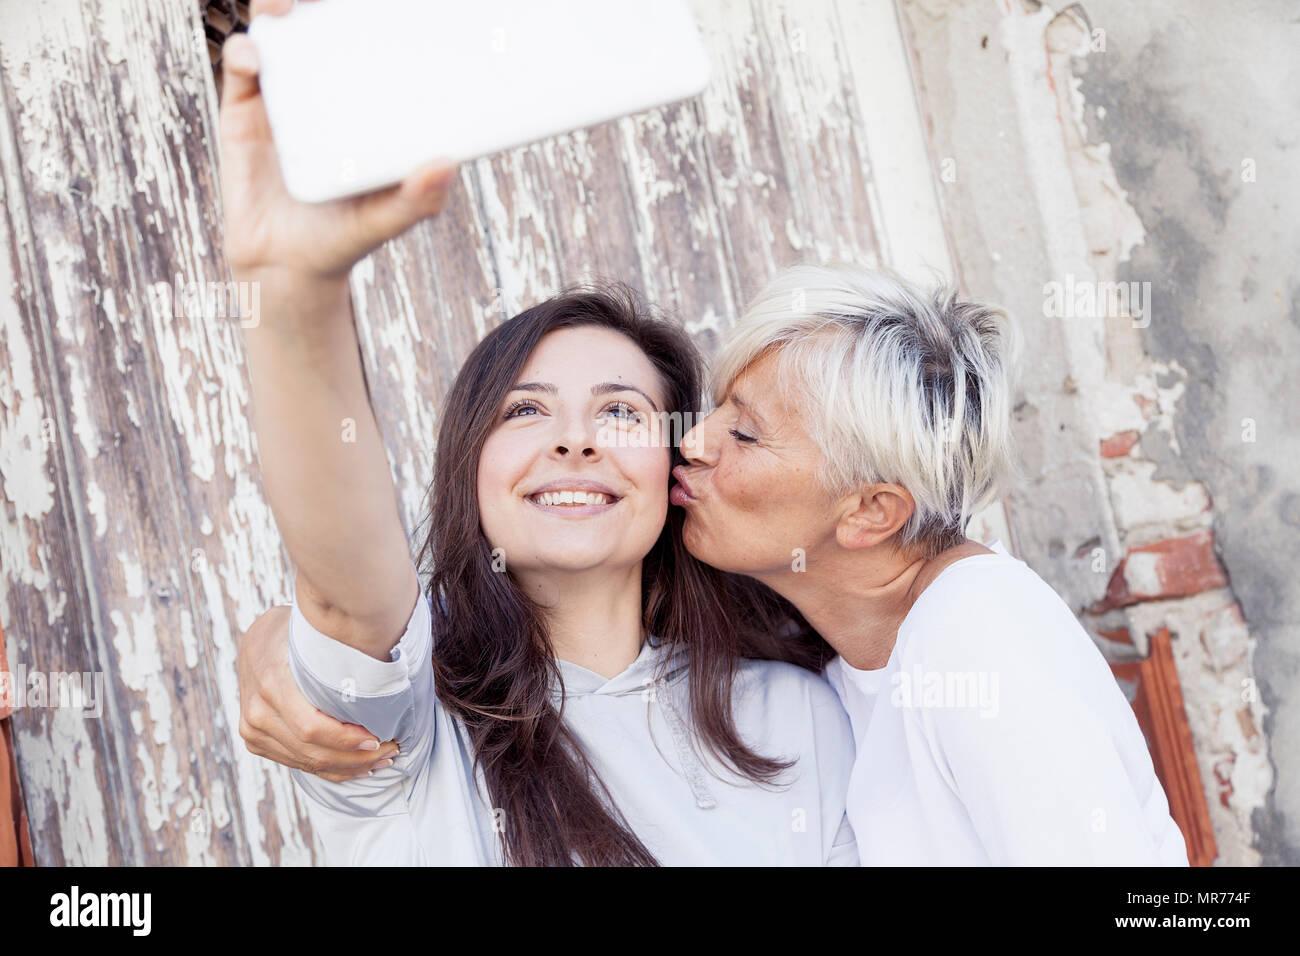 Mutter und erwachsene Tochter eine selfie im Freien Stockbild